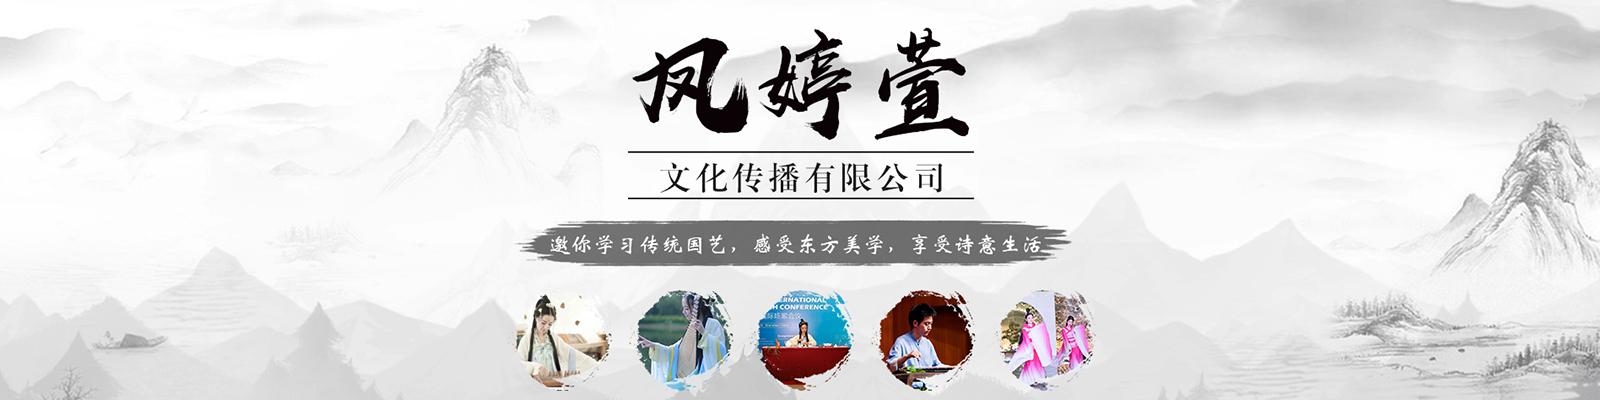 厦门市凤婷萱文化传播有限公司